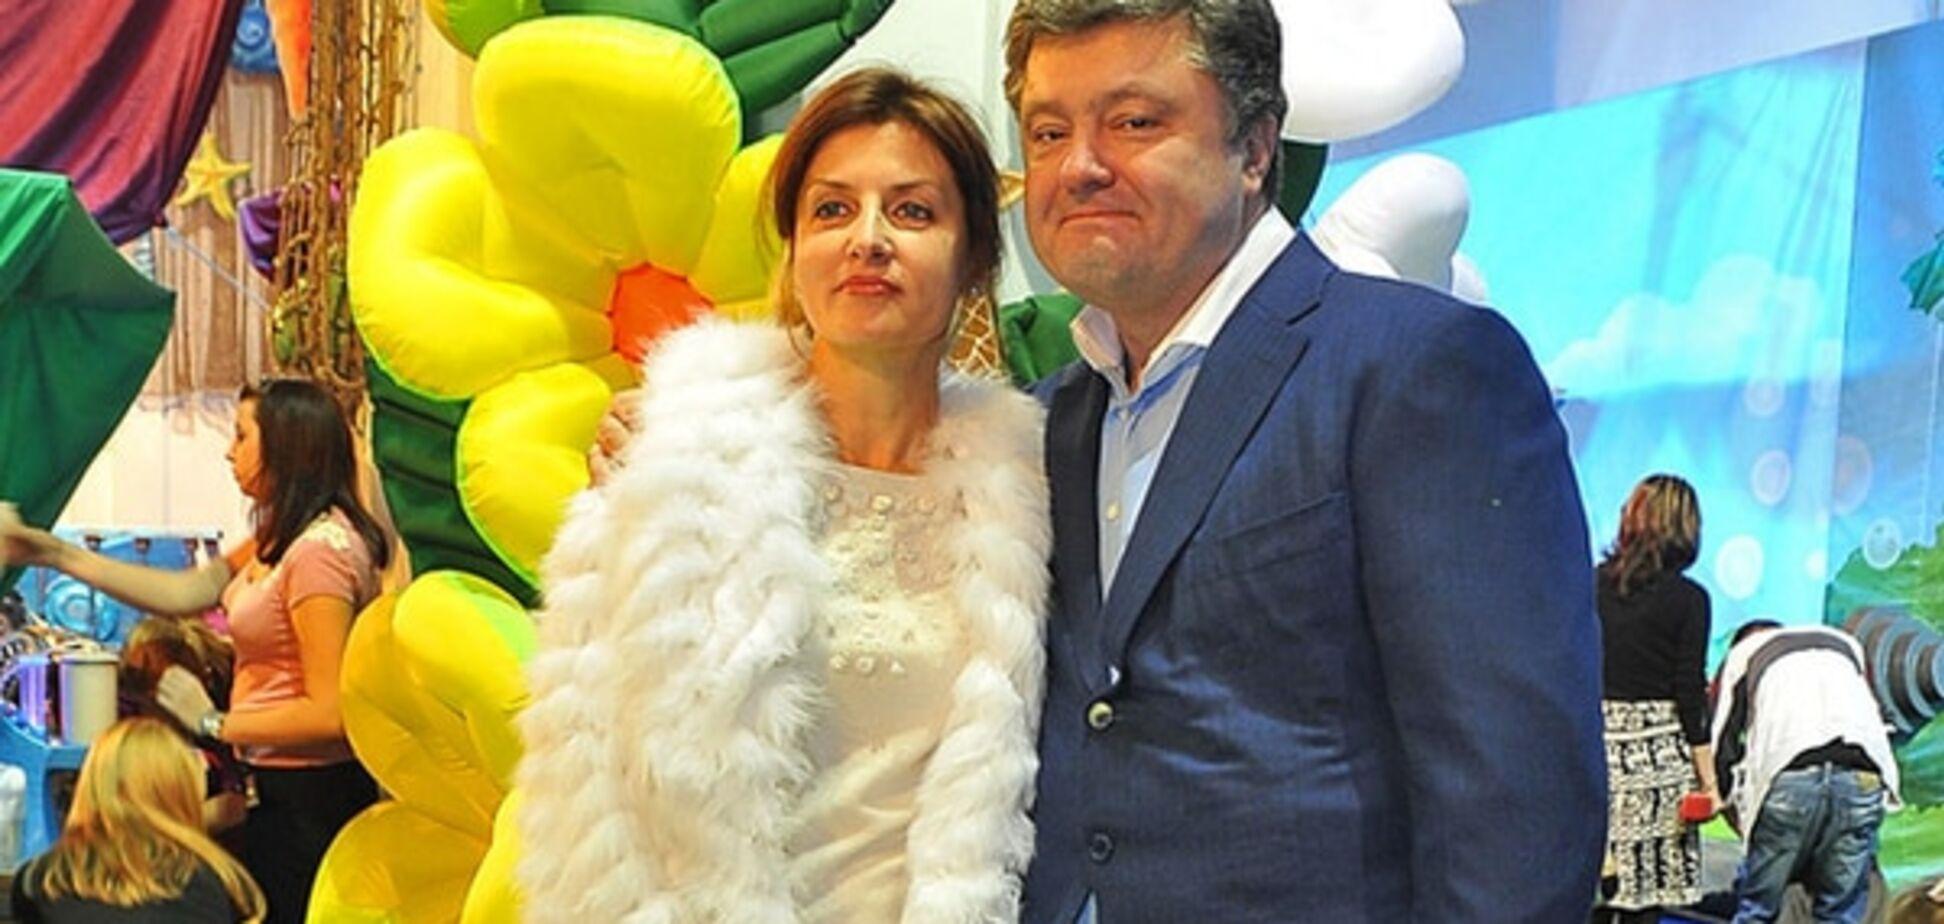 Как украинские президенты отмечают дни рождения: нелепые подарки, танцы и сюрпризы